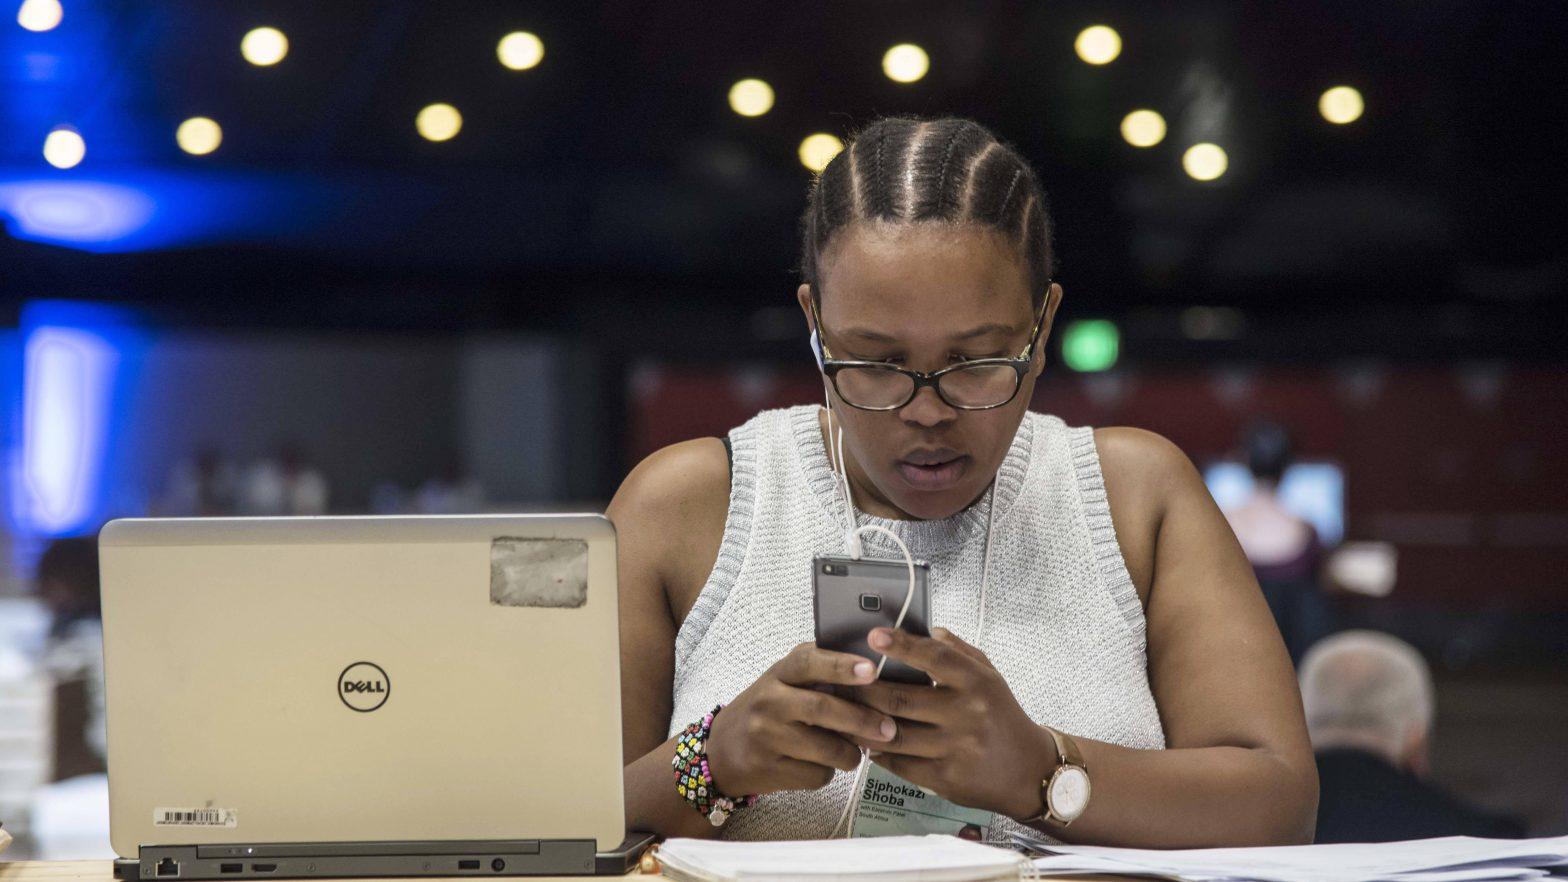 The Tech Continent Africa's Digital Renaissance